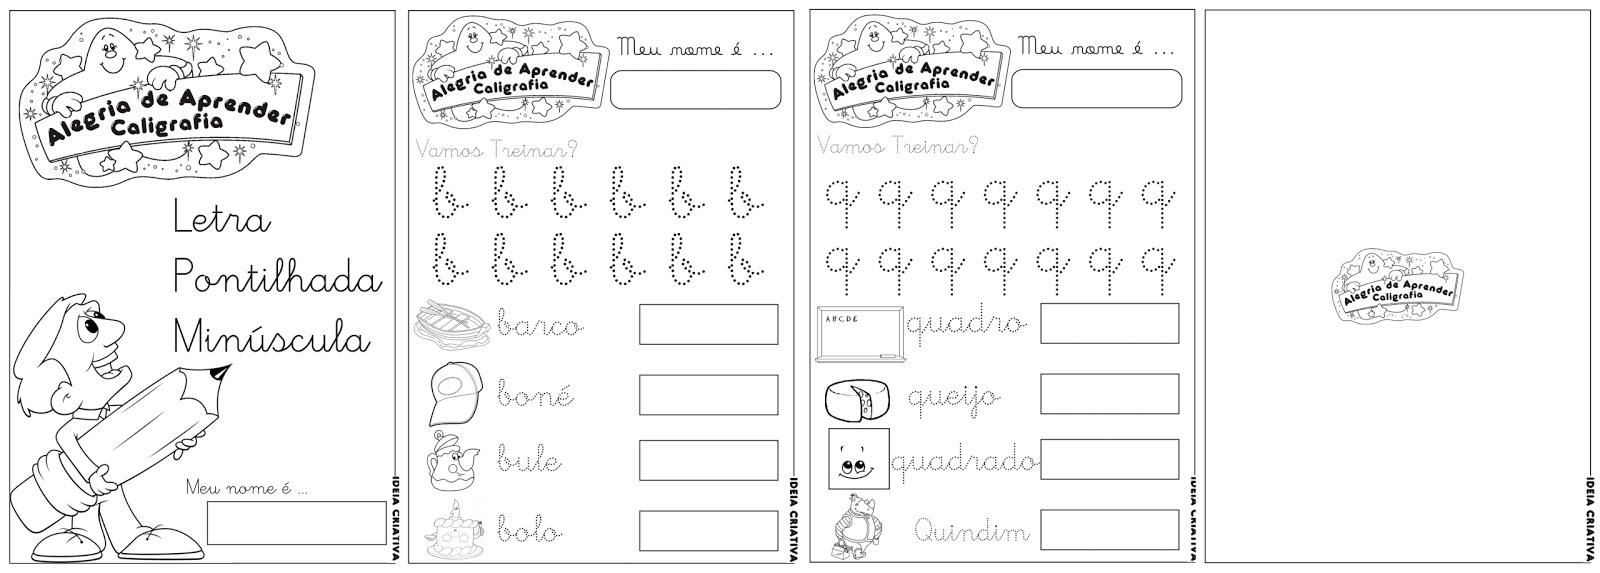 De Atividades De Atividades Alegria De Aprender Caligrafia Letra